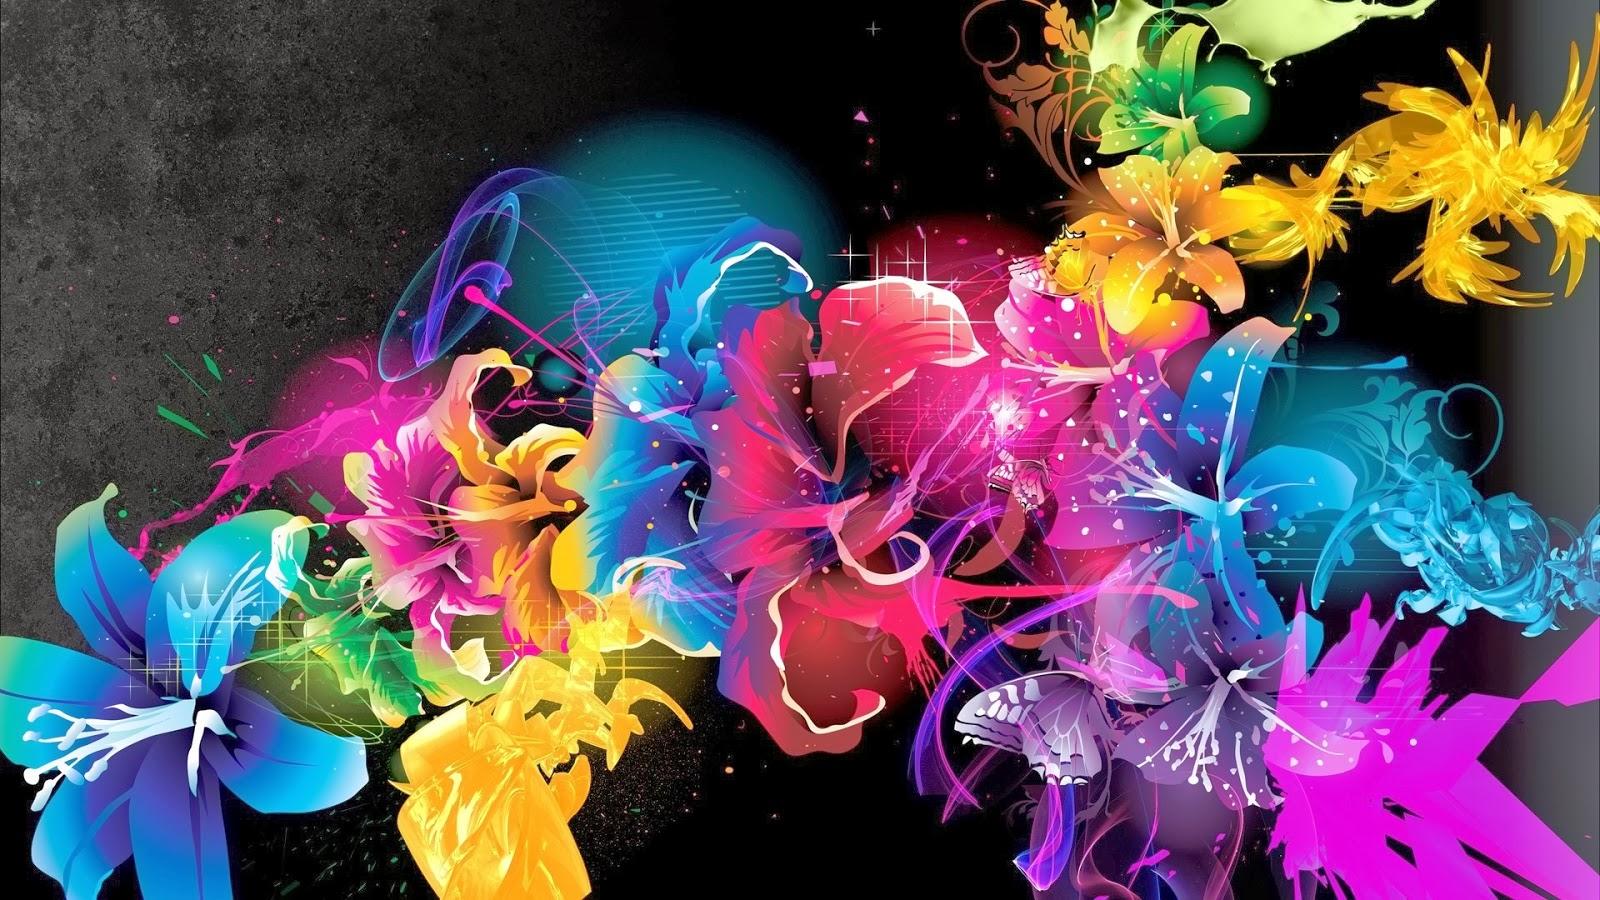 d name wallpaper full hd download ✓ kamos hd wallpaper